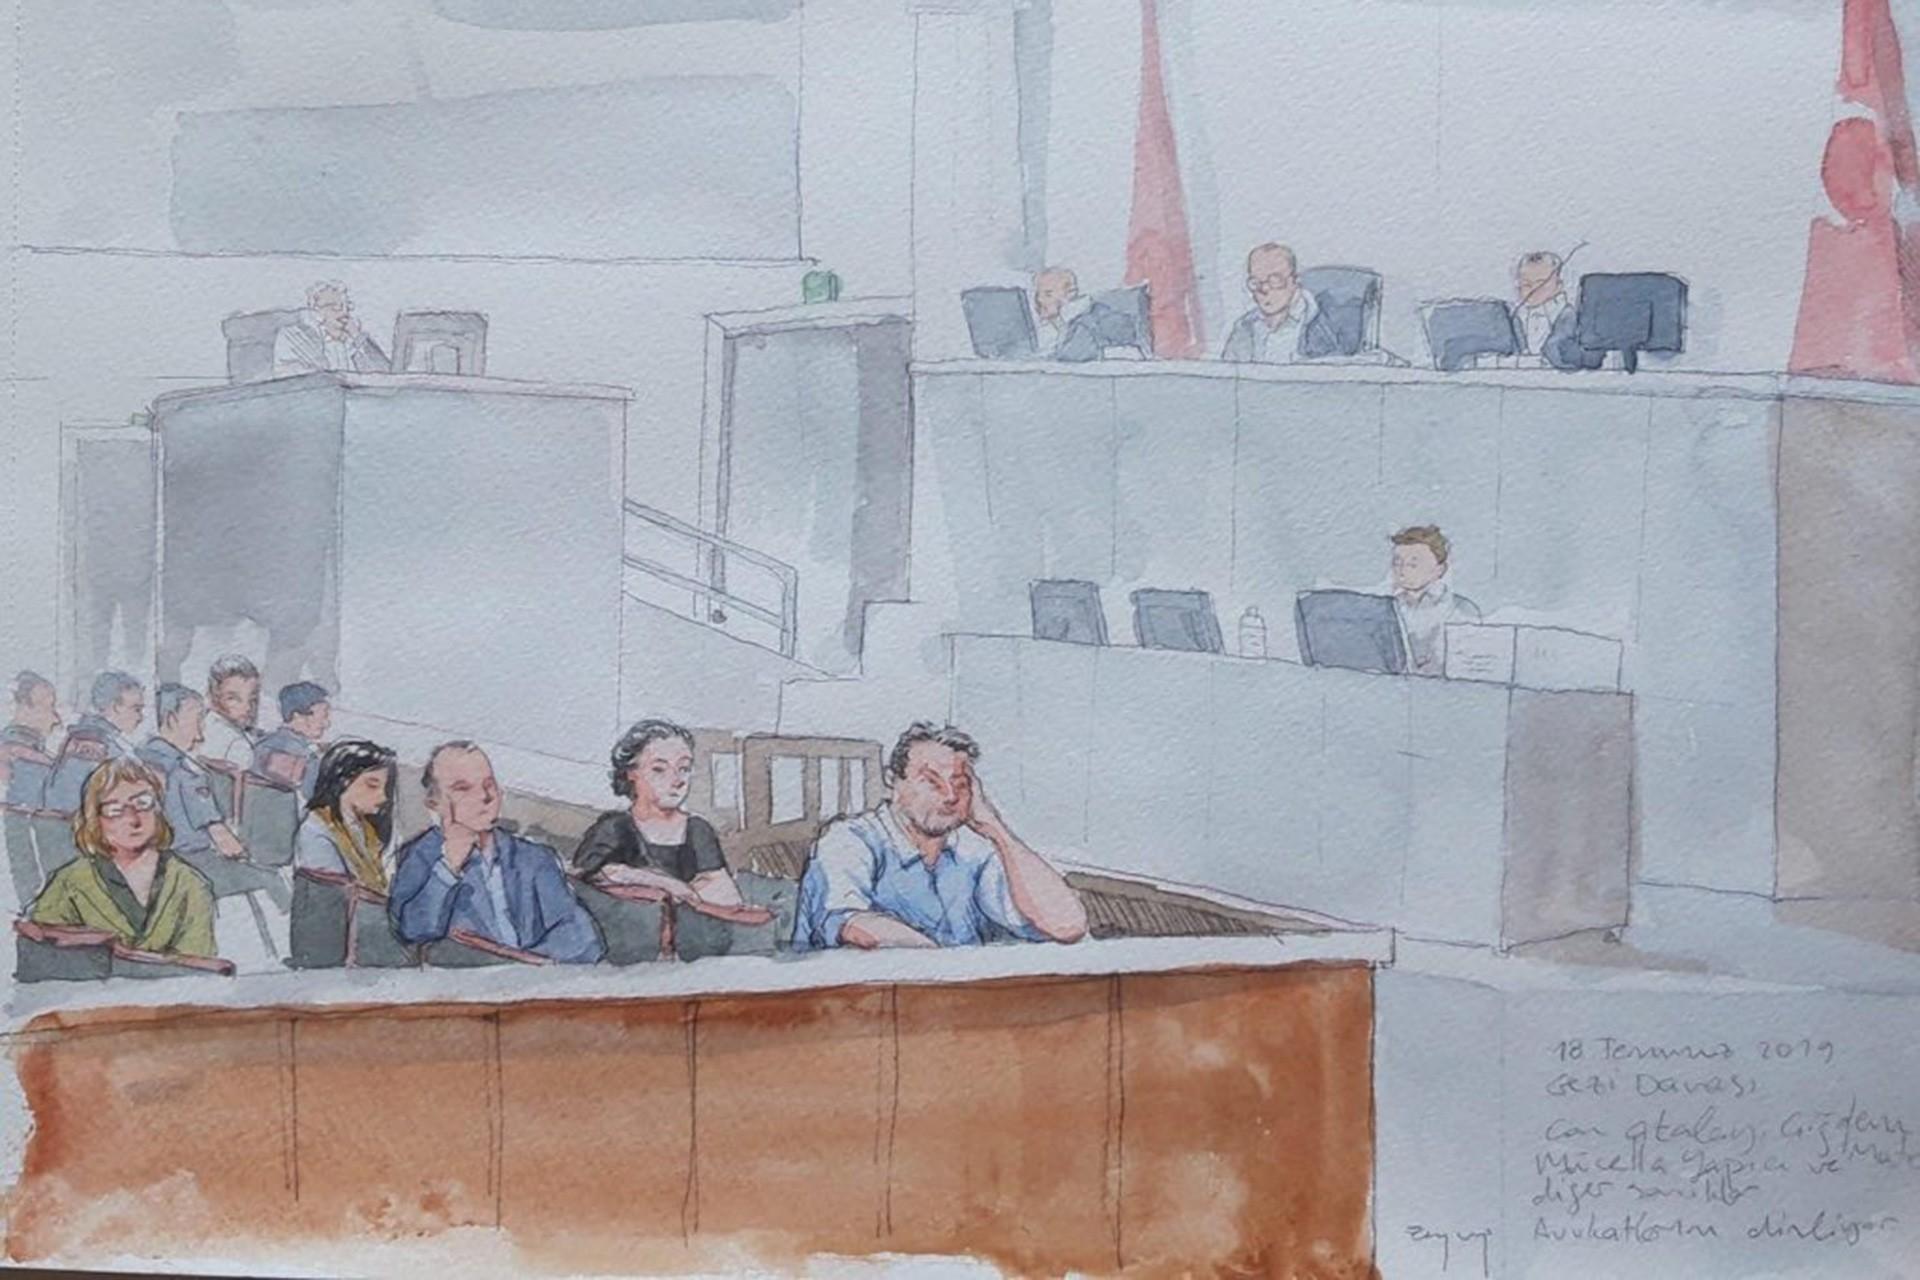 Gezi davasında Osman Kavala'nın tutukluluğunun devamına karar verildi